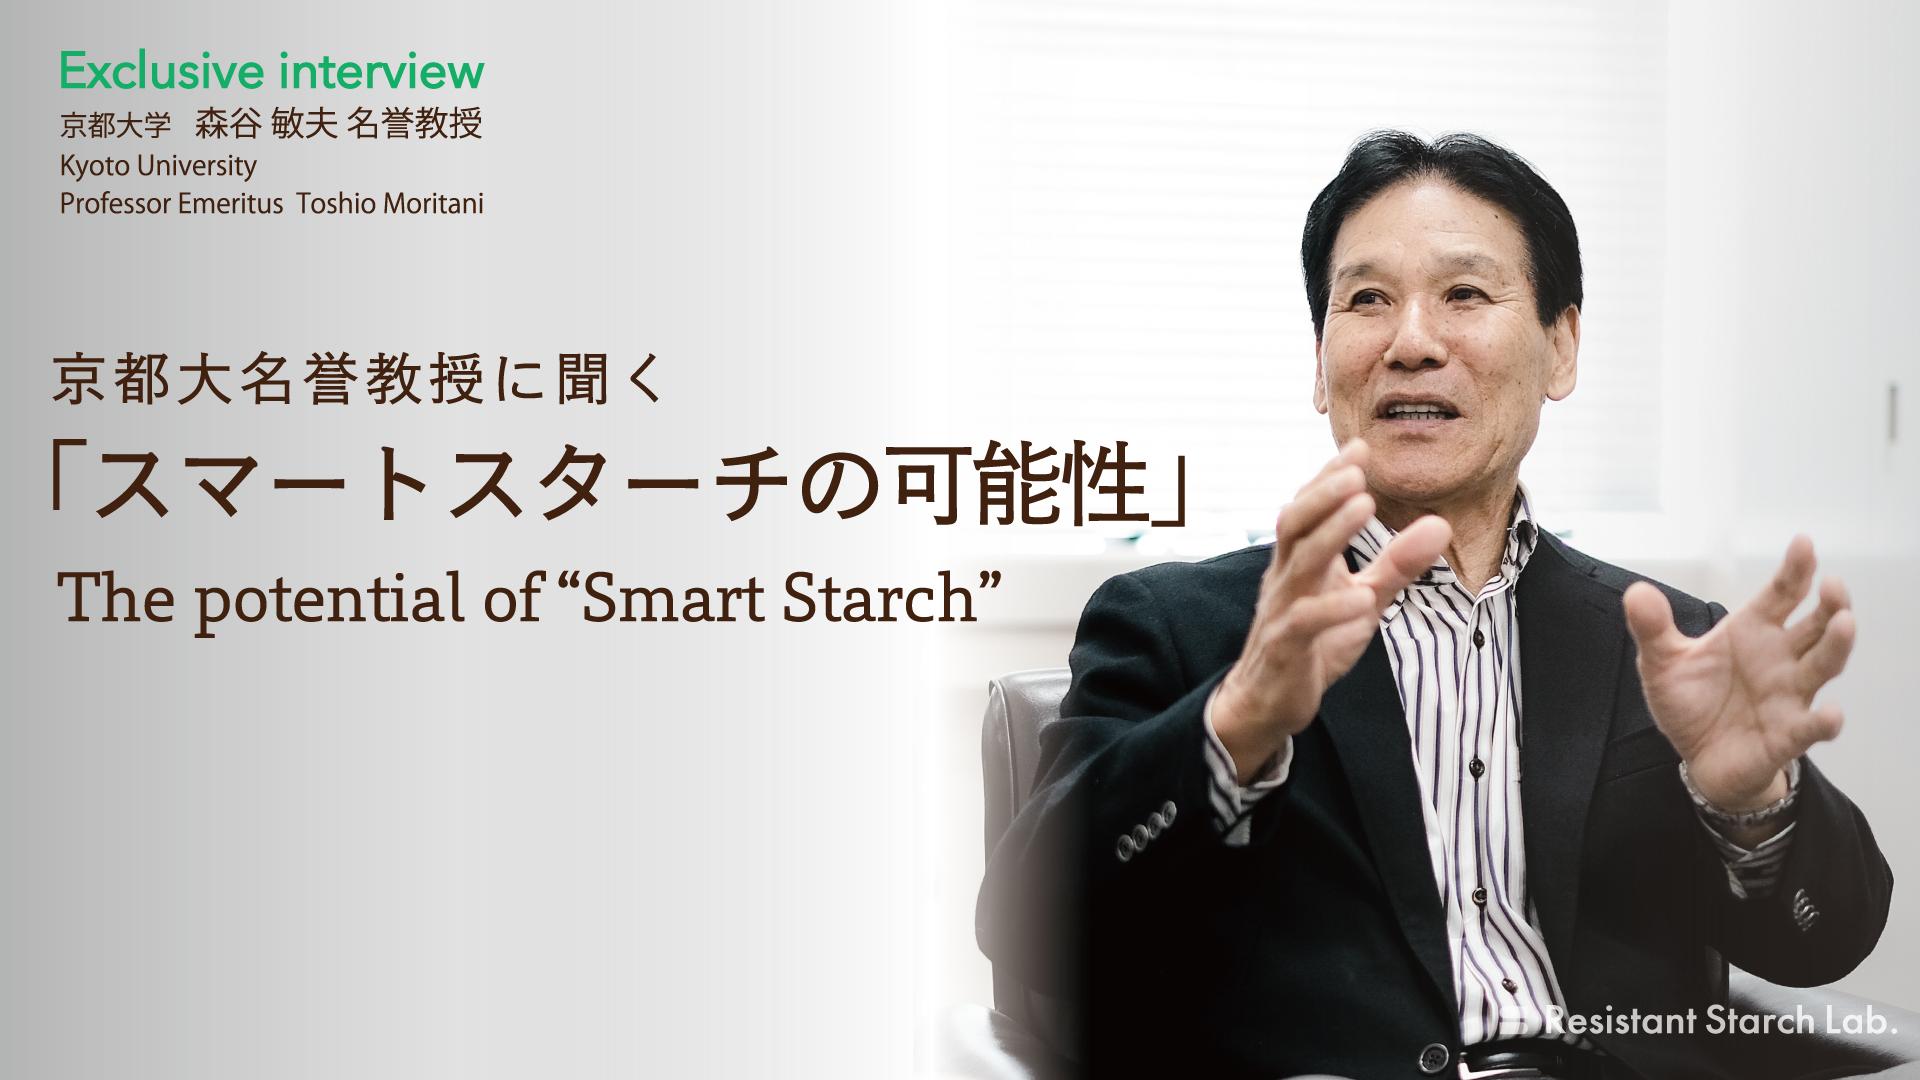 人体や健康の専門家、京都大名誉教授に聞くスマートスターチの可能性